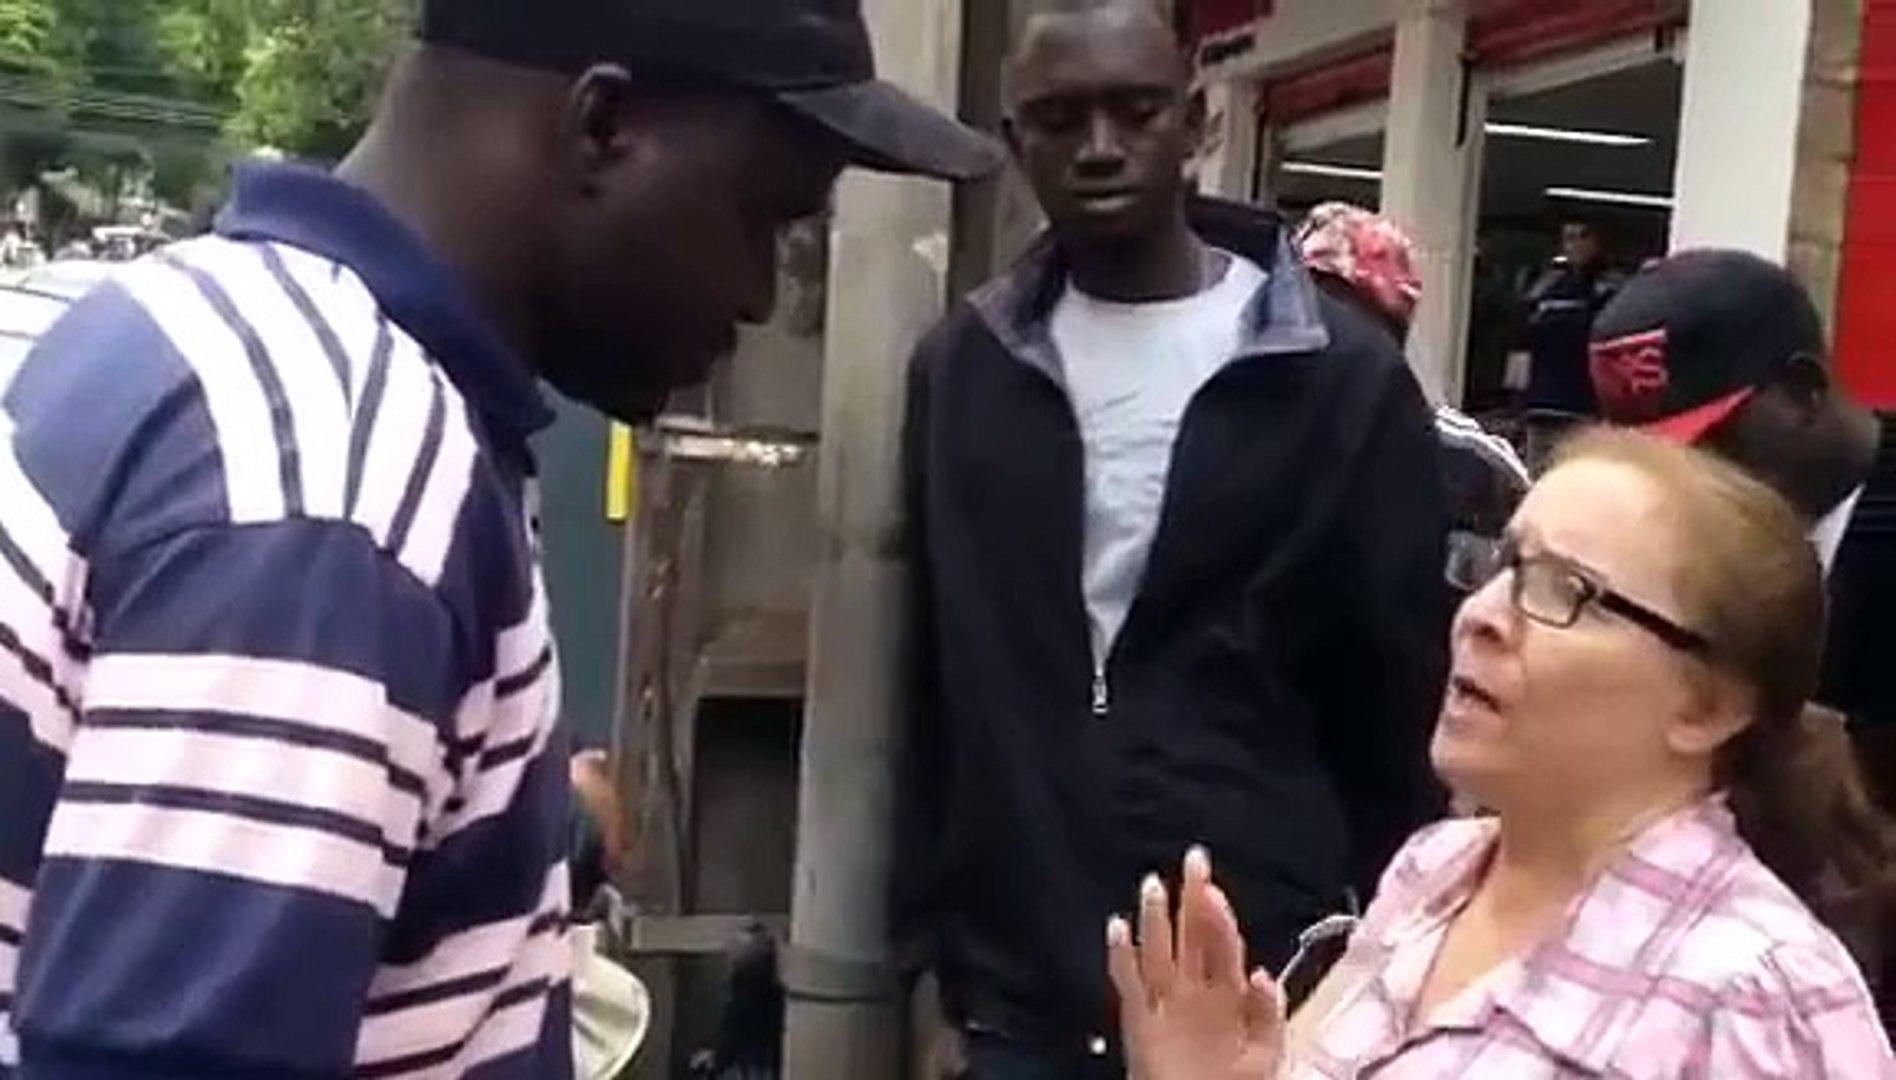 Mulher joga banana e chama senegalês de 'macaco' no centro de Londrina